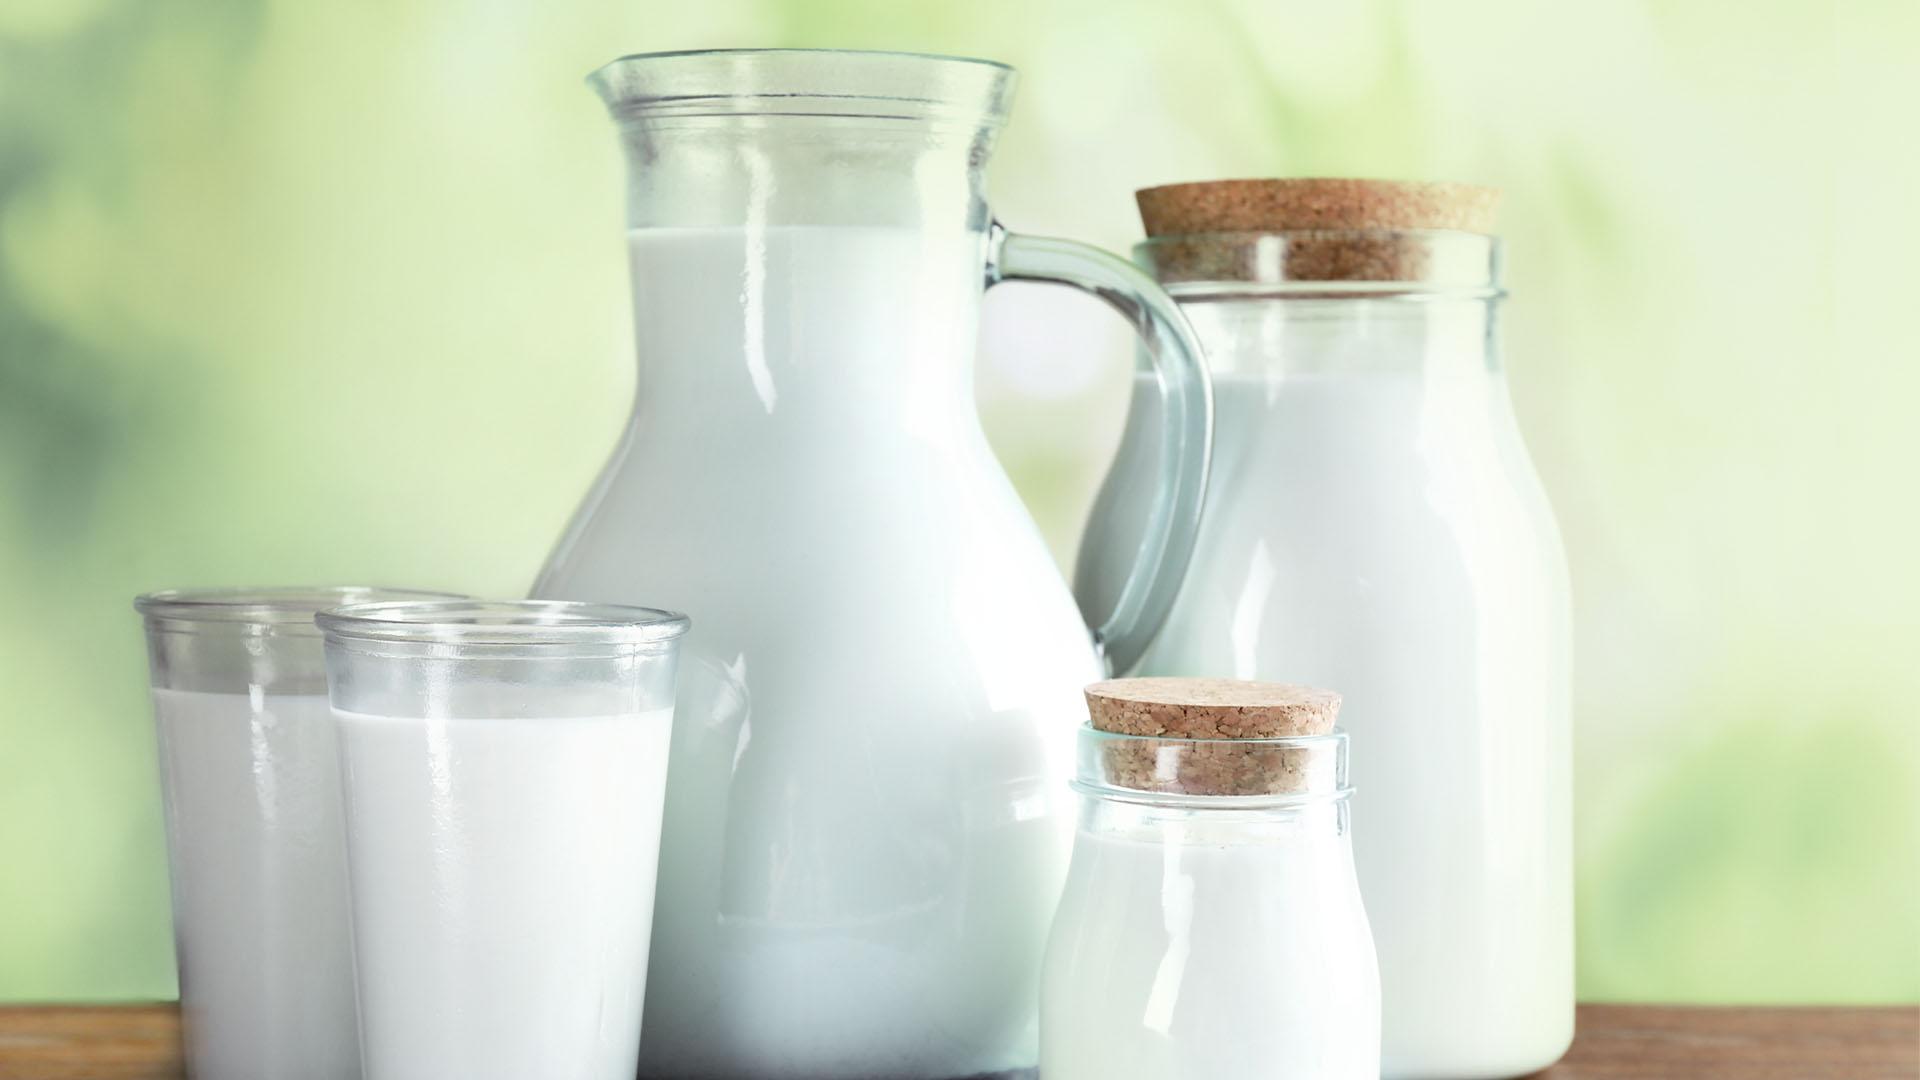 Lactose Test